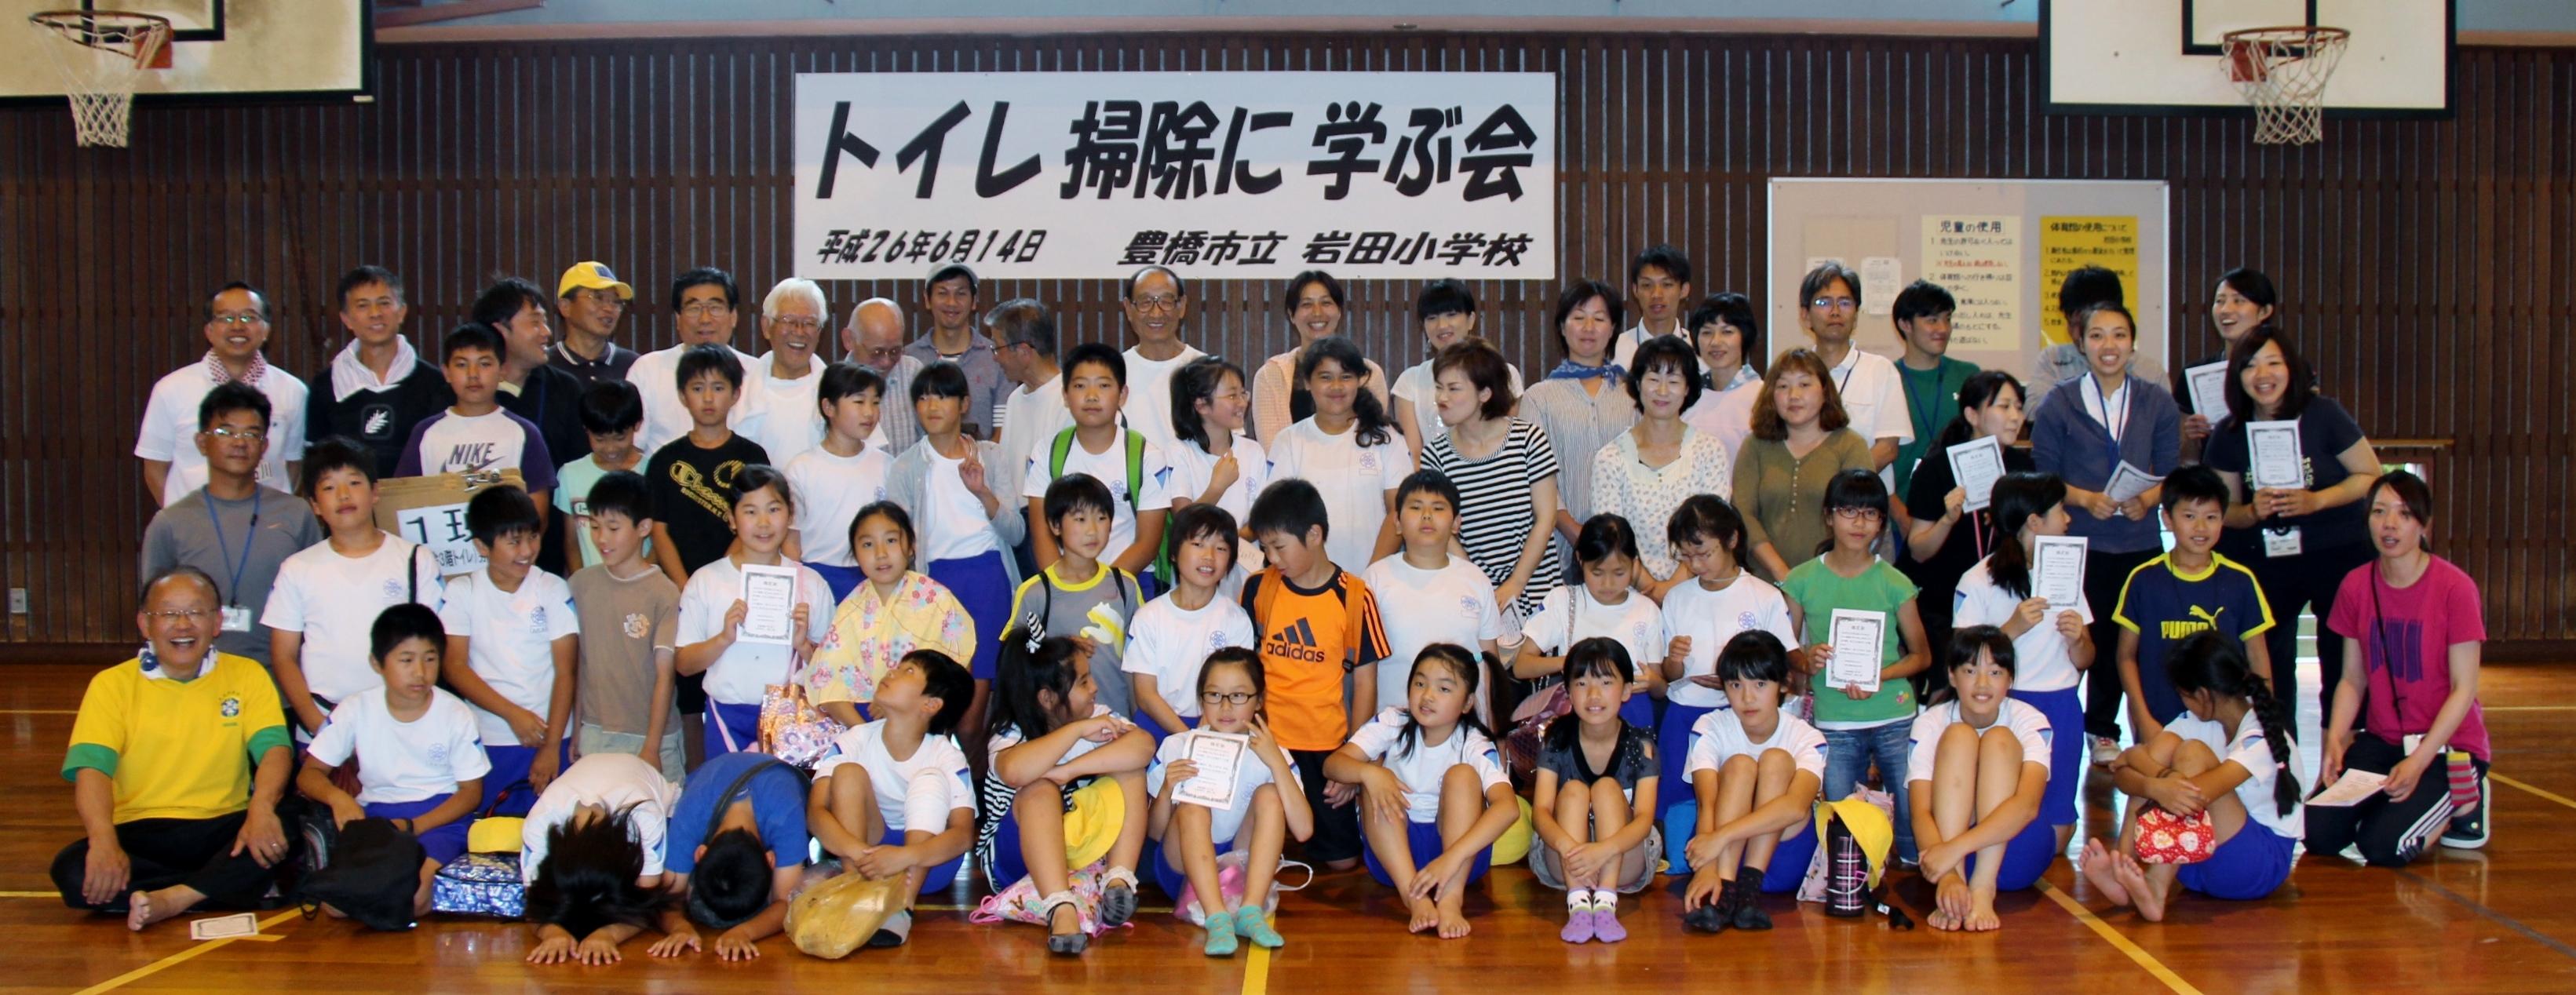 豊橋市立岩田小学校 - JapaneseC...